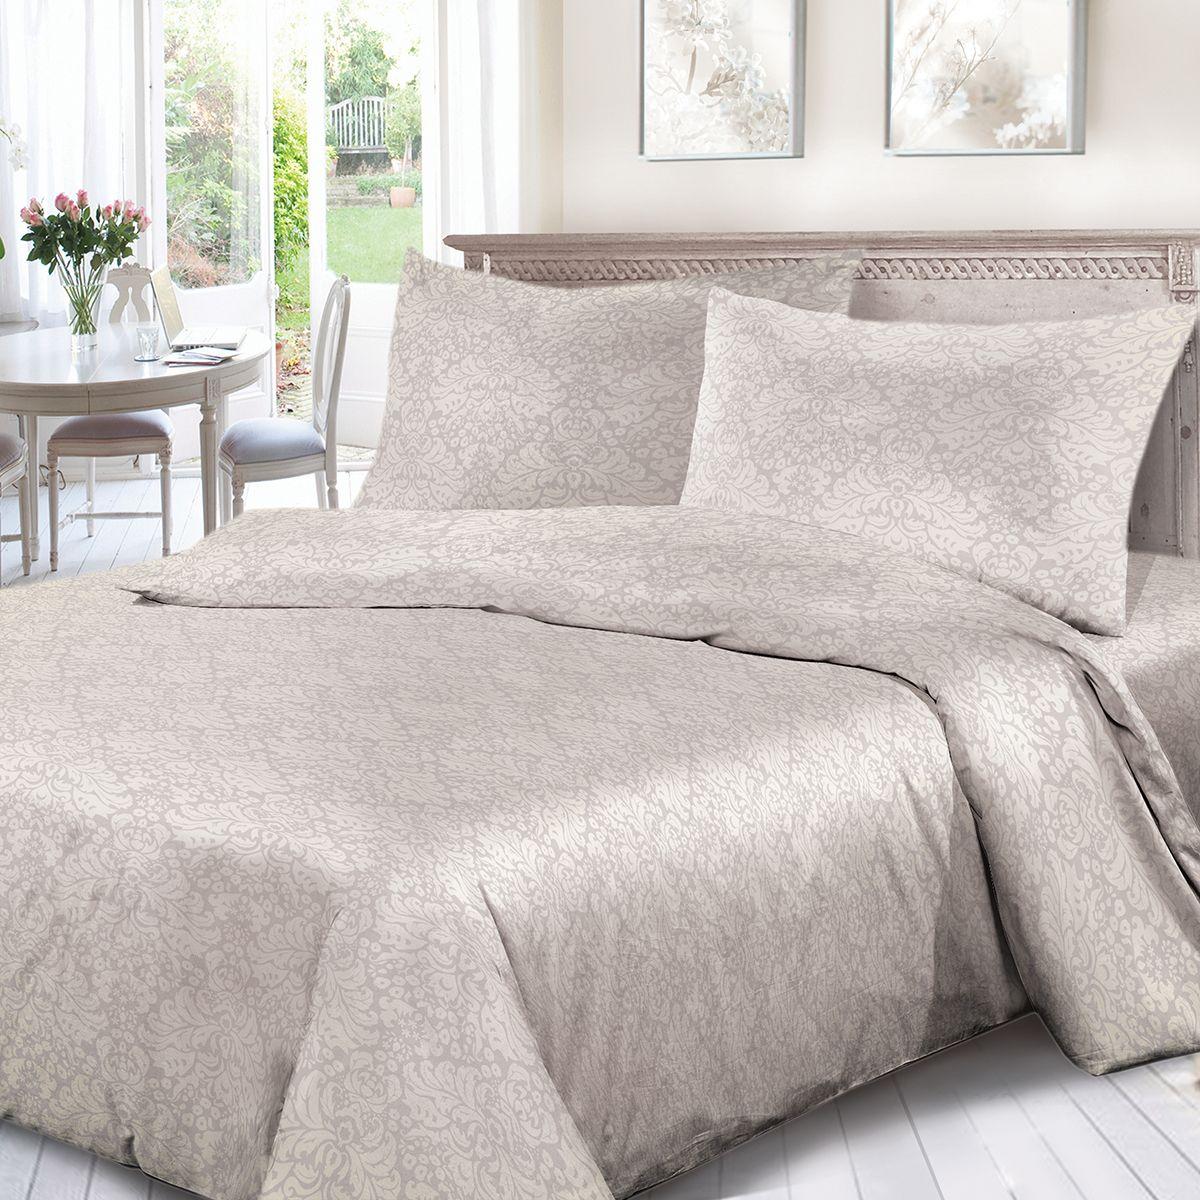 Комплект белья Сорренто Мирелла, 1,5 спальное, наволочки 70x70, цвет: светло-бежевый. 4125-190433